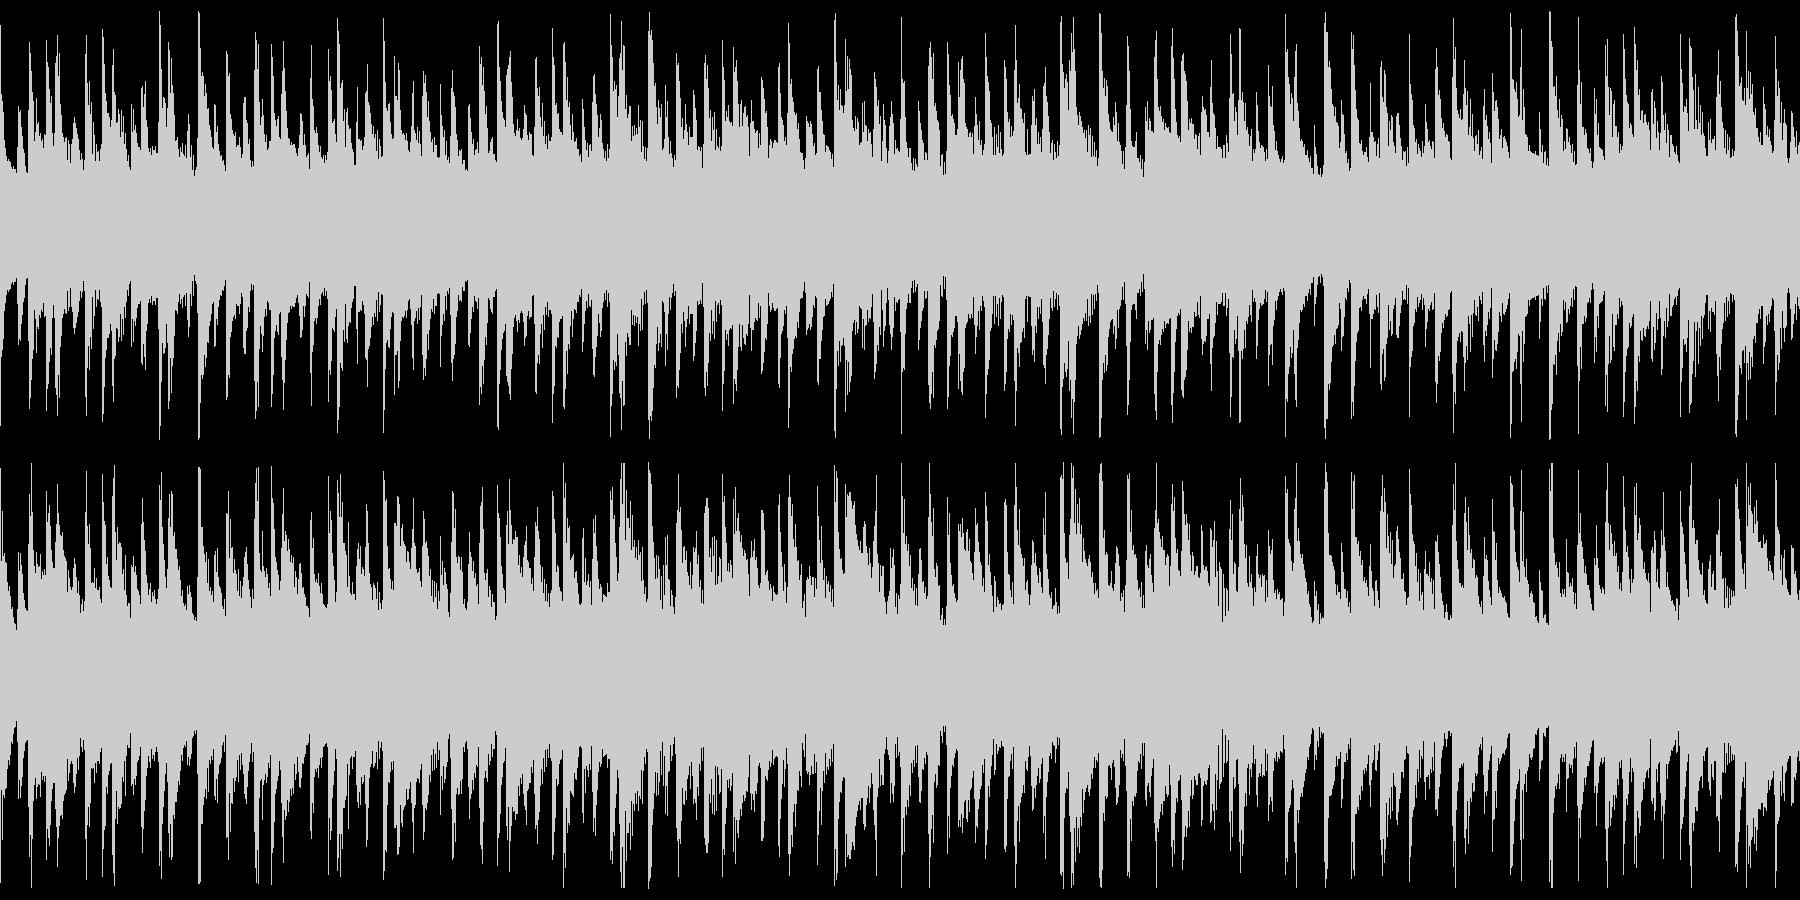 西アフリカ リュート型弦楽器の未再生の波形